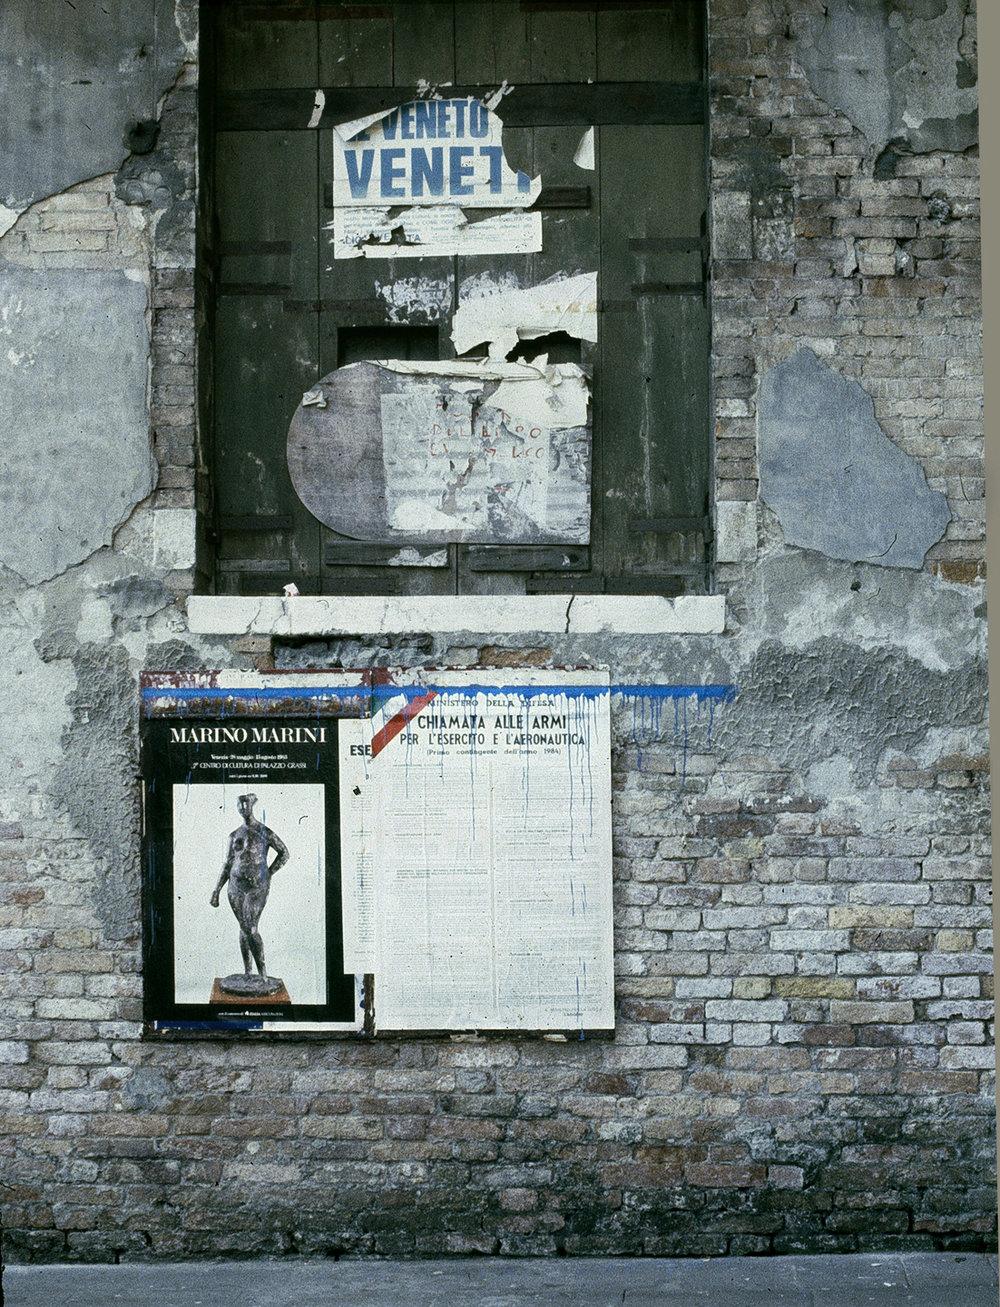 GRAFFiTI de VENEZIA VIA VENETO.jpg